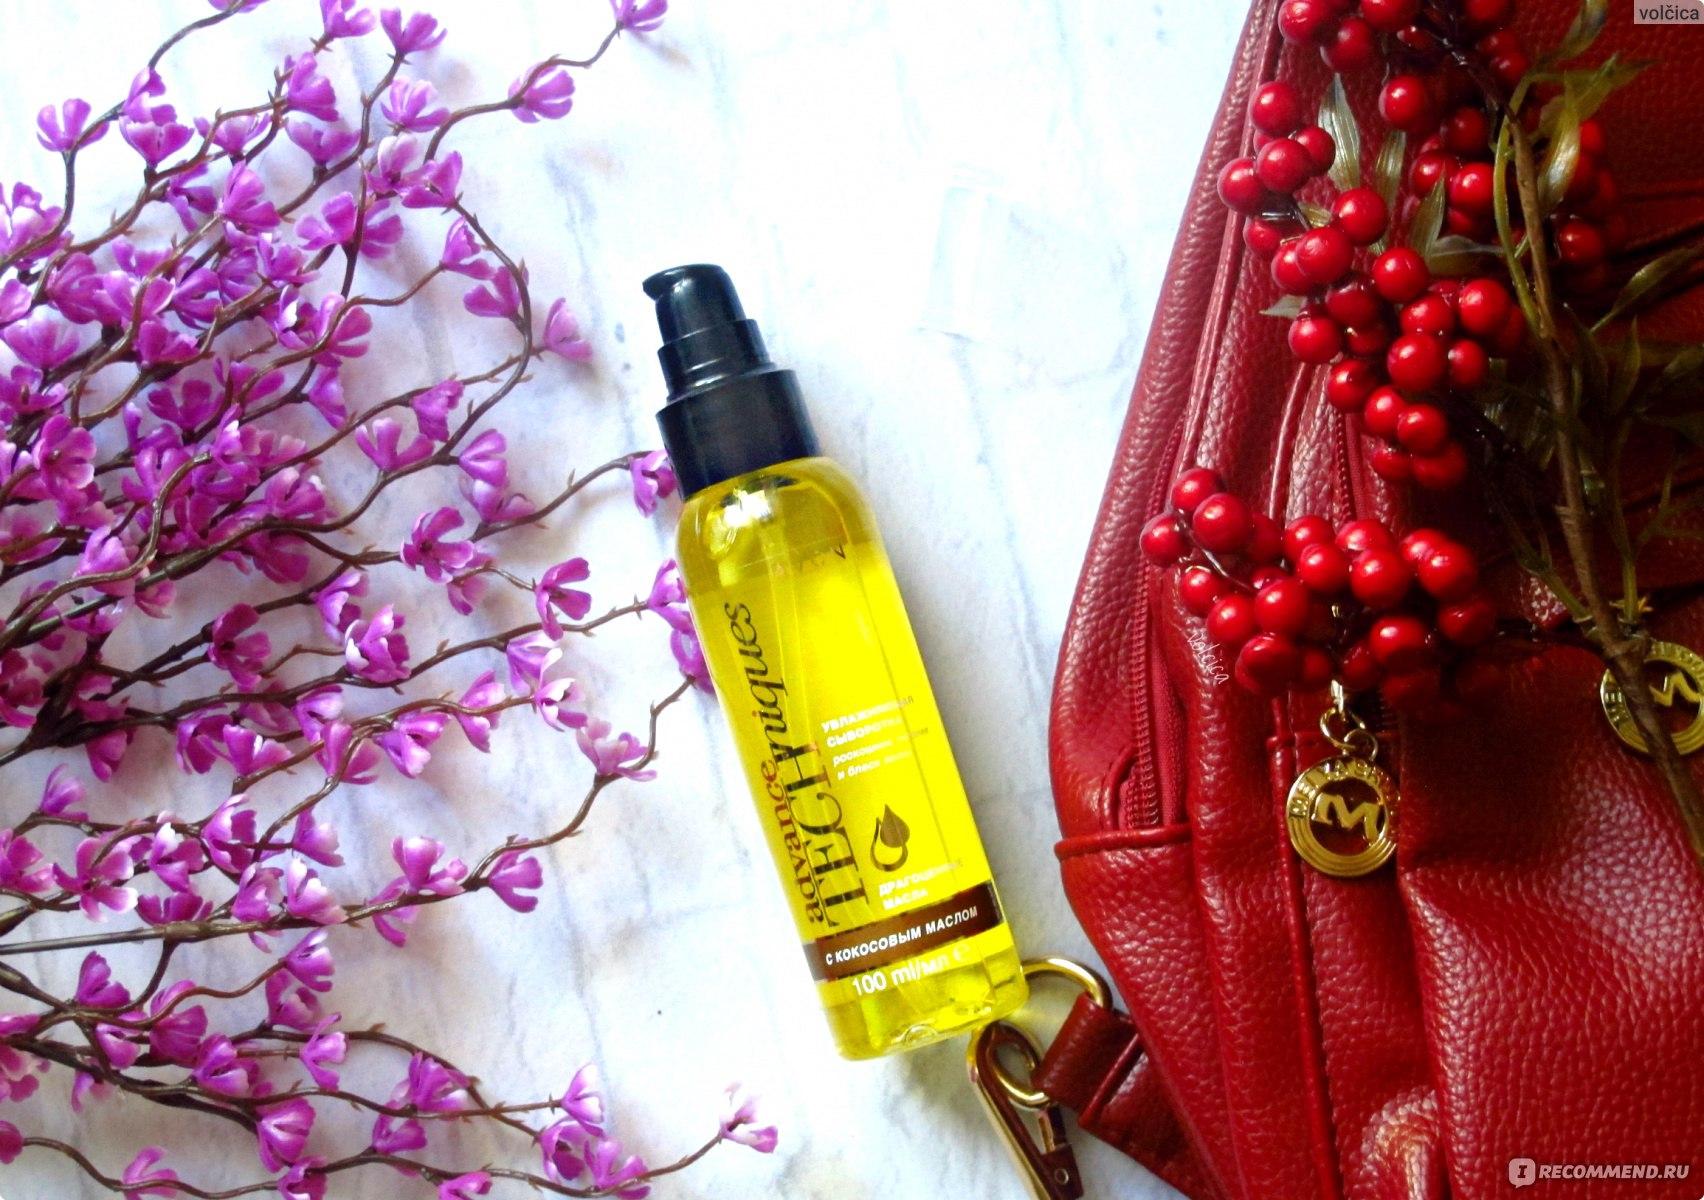 Сыворотка драгоценные масла эйвон отзывы купить косметику тегодер